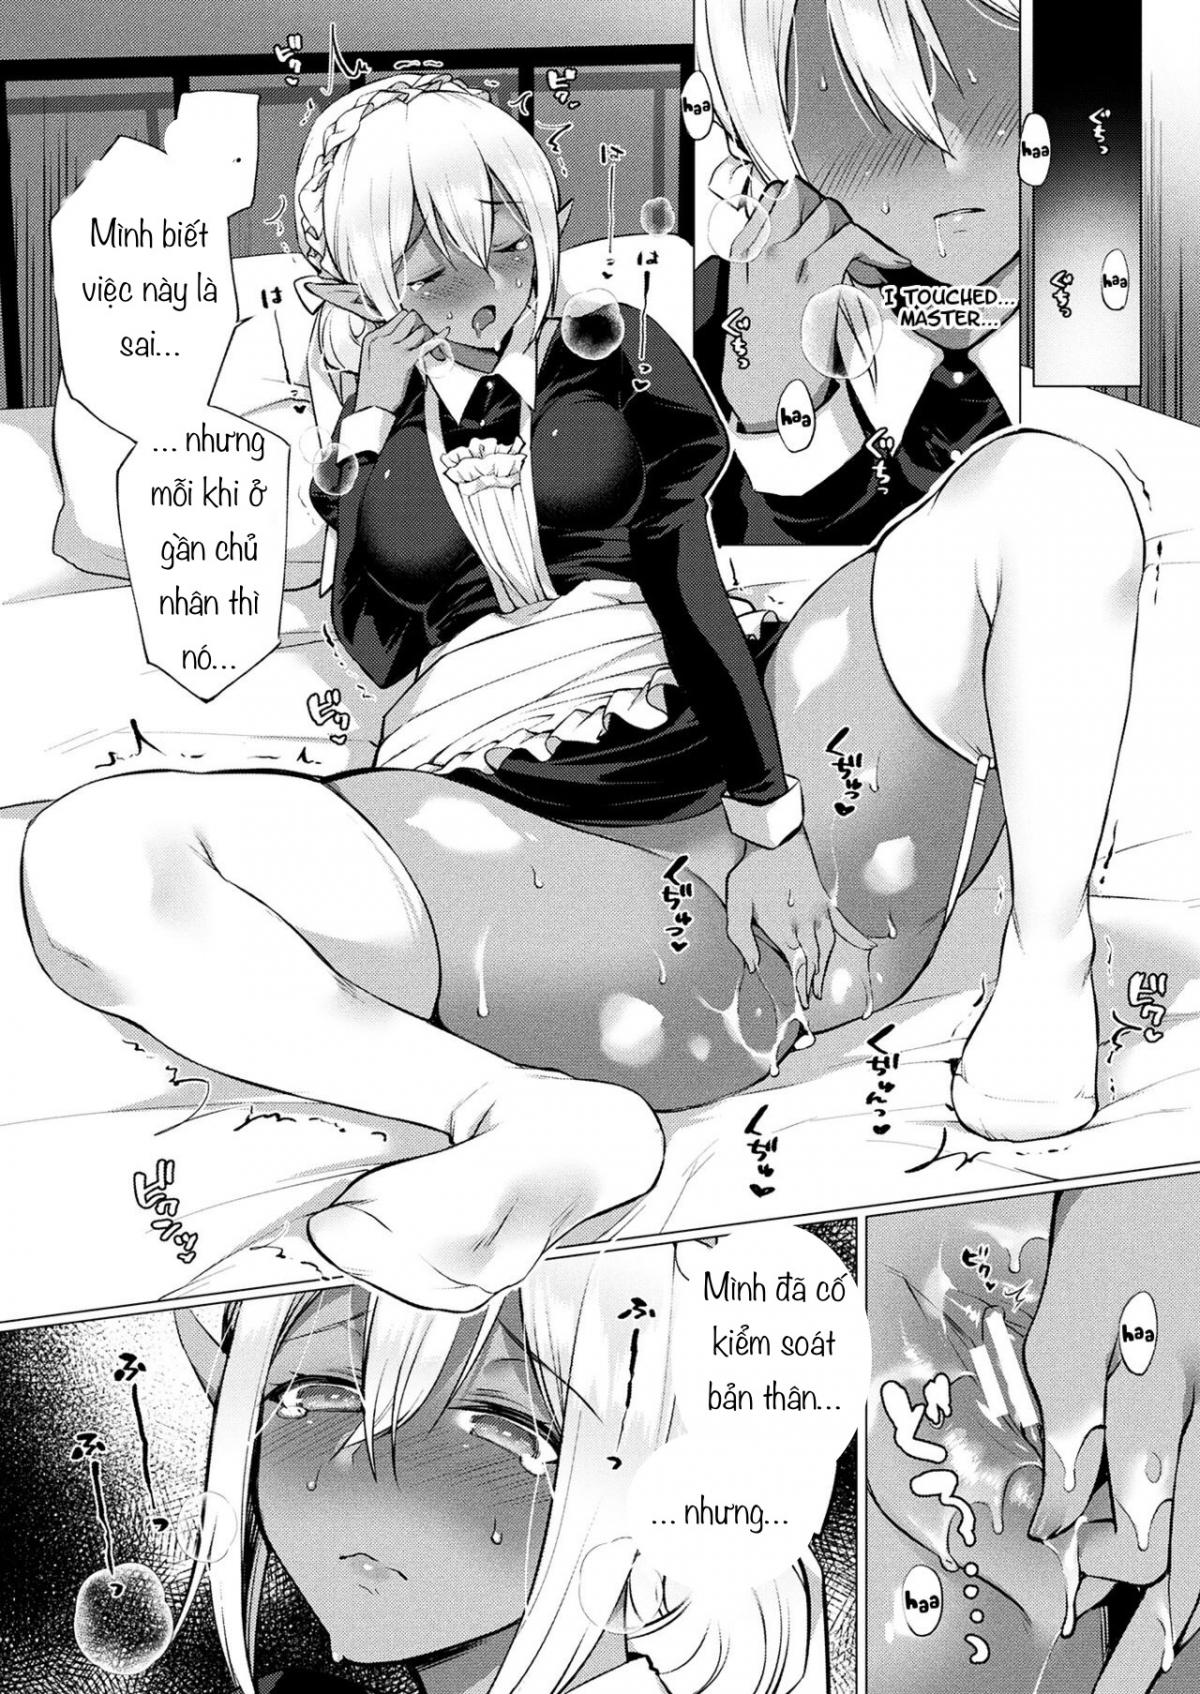 Hình ảnh  trong bài viết Chuyện tình địt nhau của cô bé Elf dâm đãng